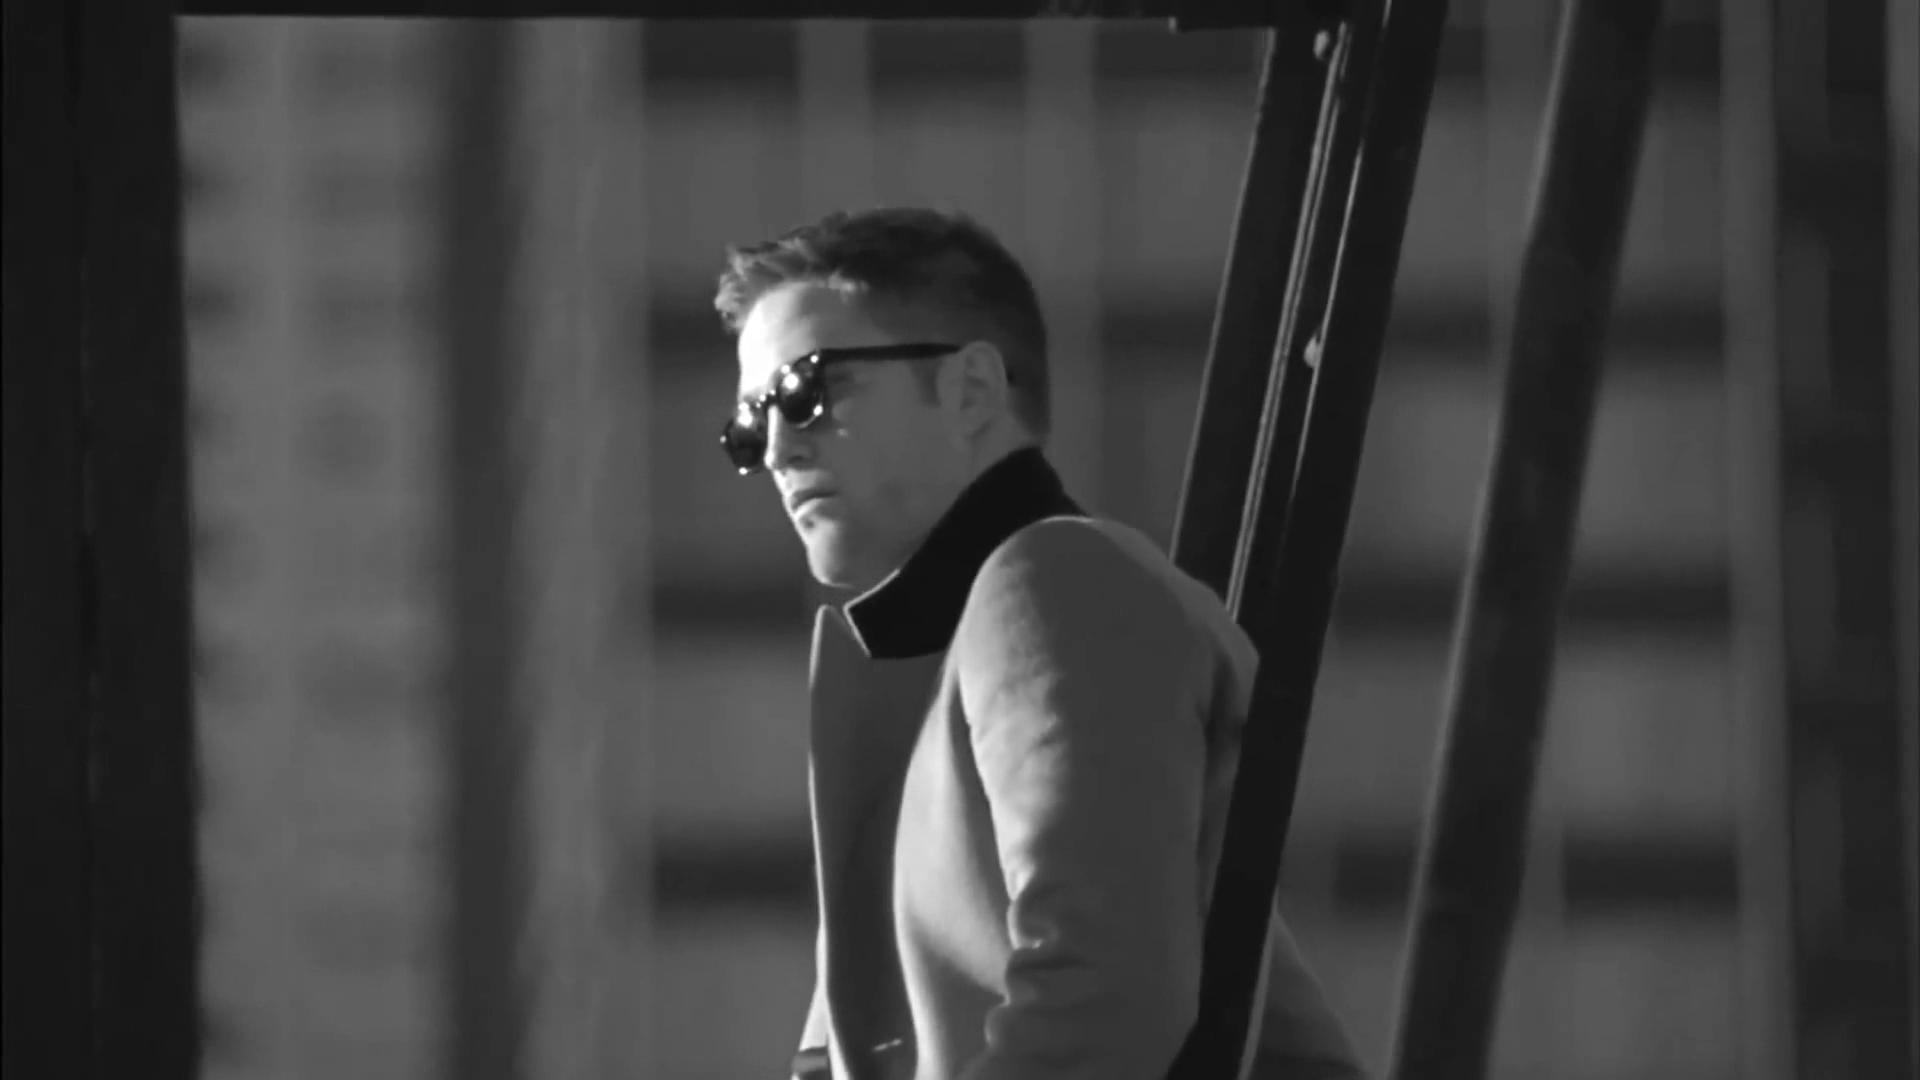 Dior libera prévias do comercial de Robert Pattinson para campanha publicitária